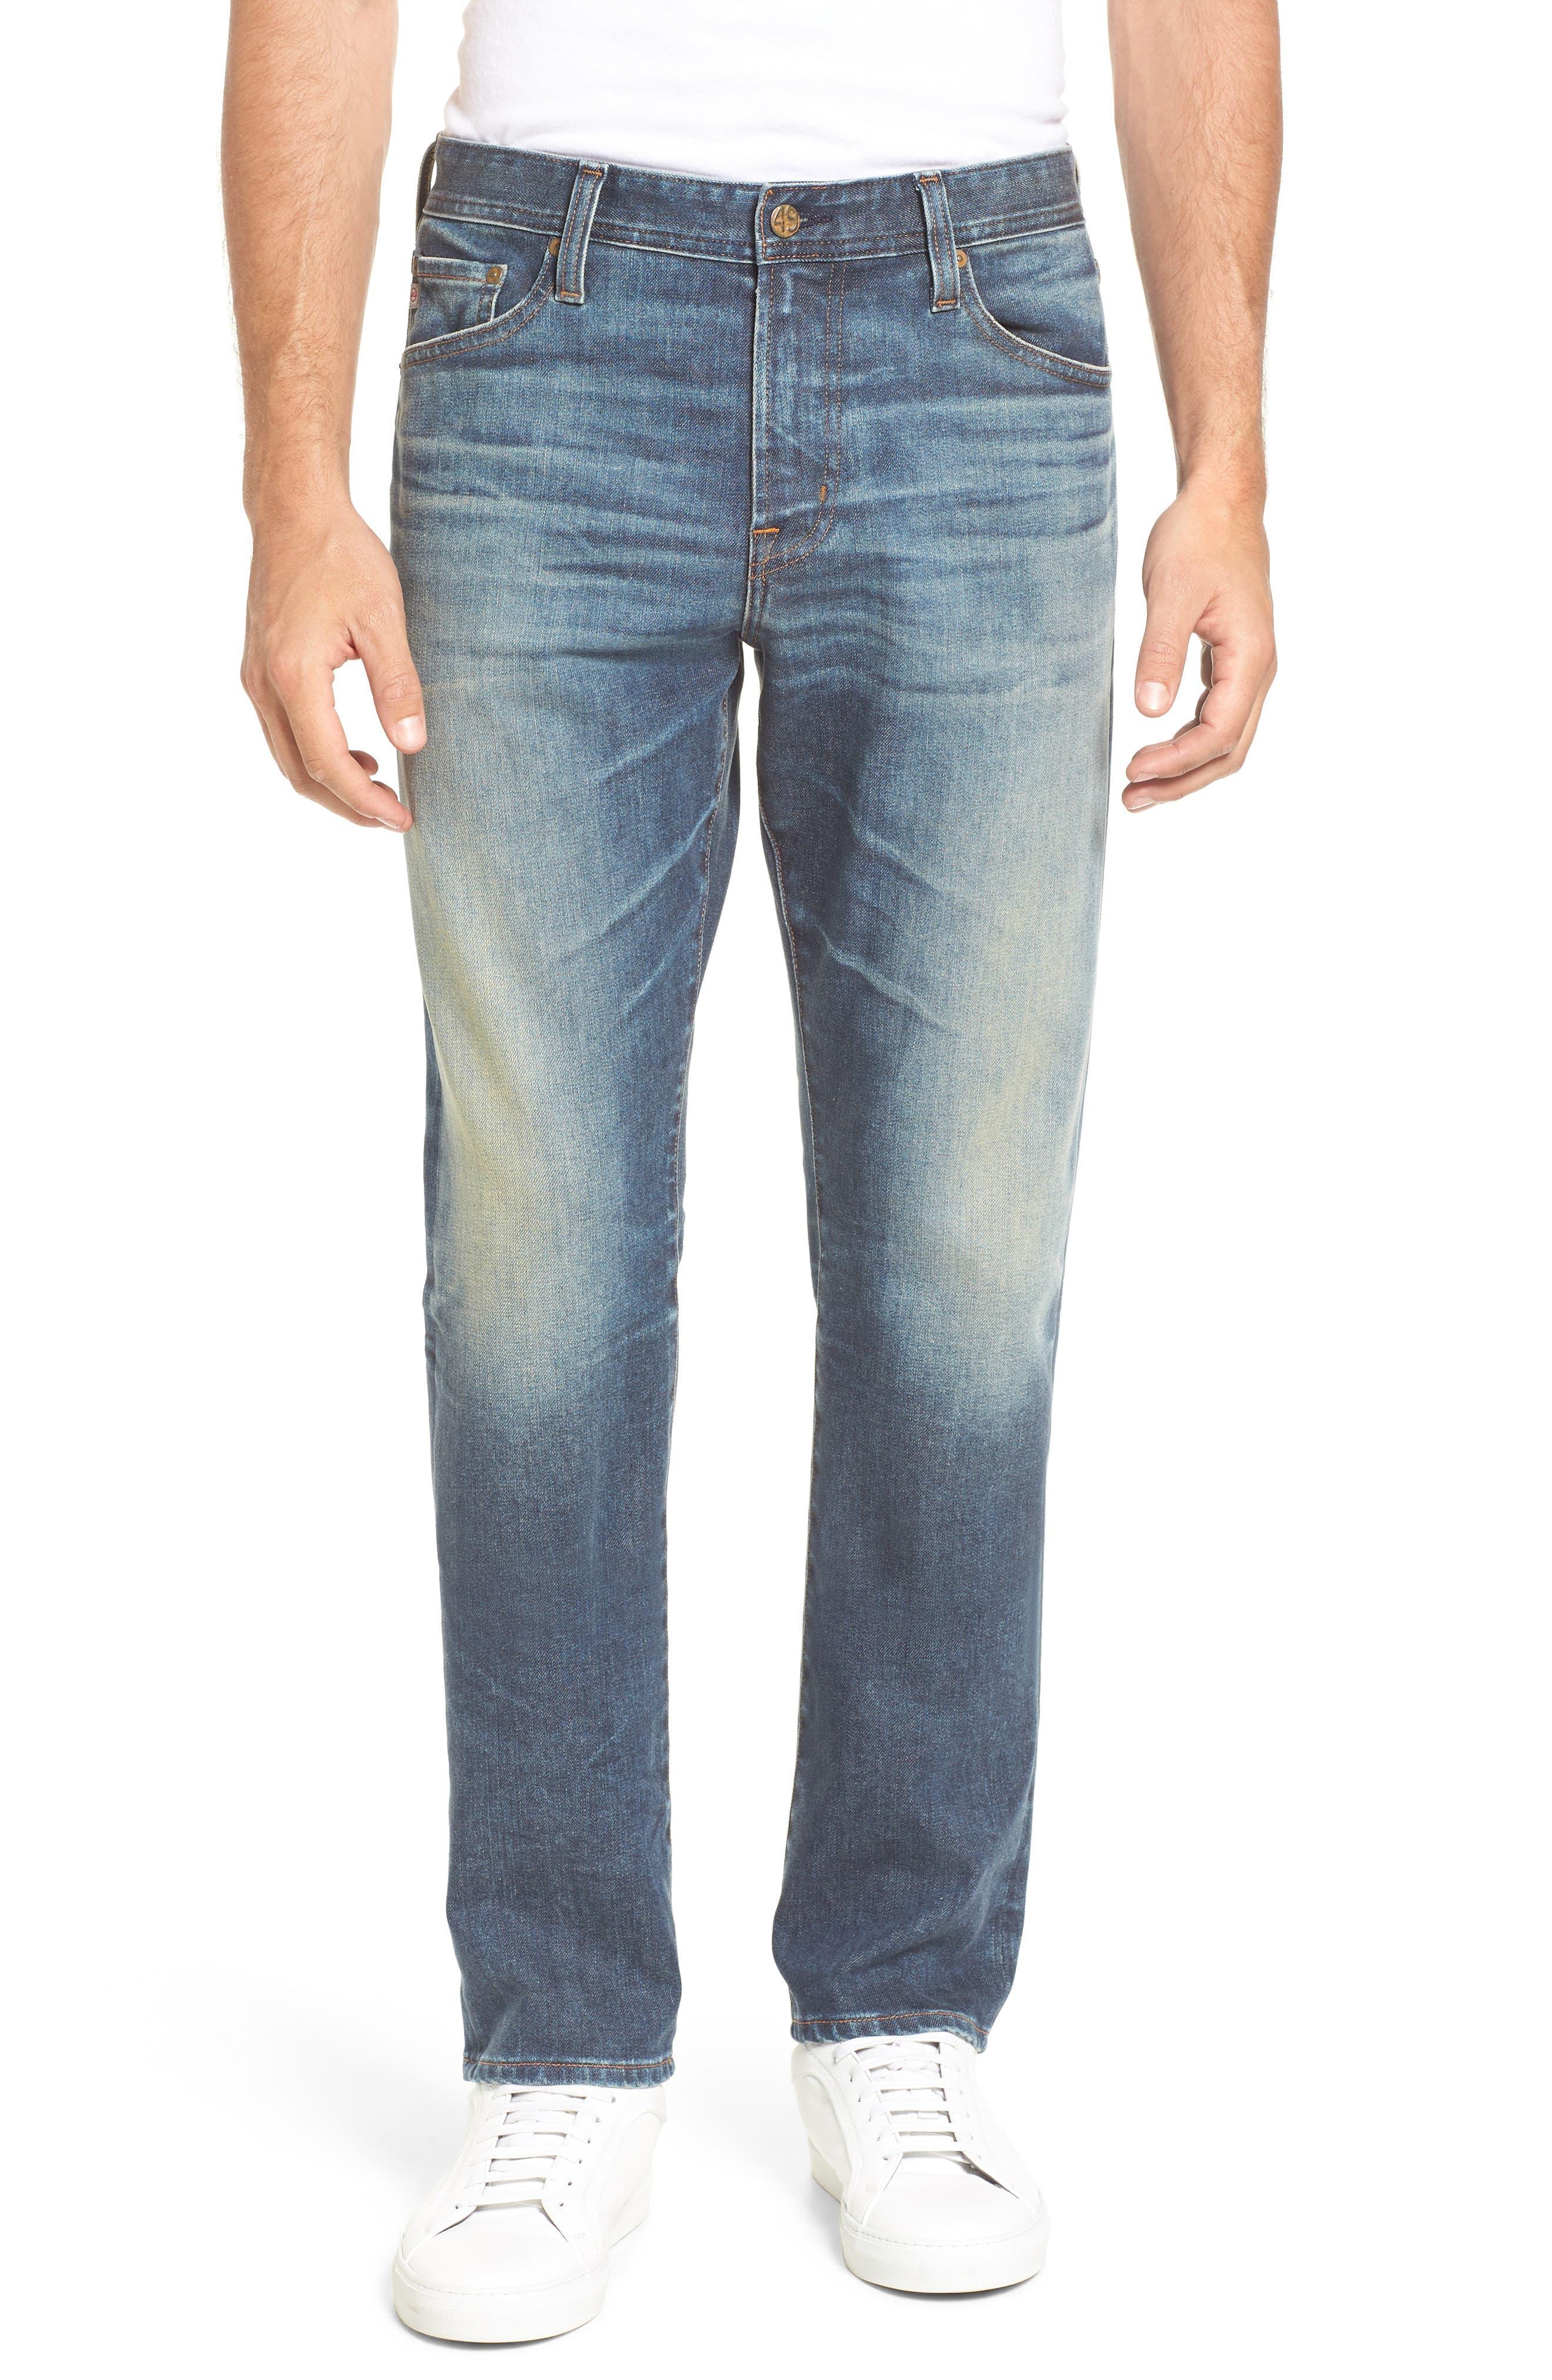 Alternate Image 1 Selected - AG Everett Slim Straight Leg Jeans (12 Years River Veil)